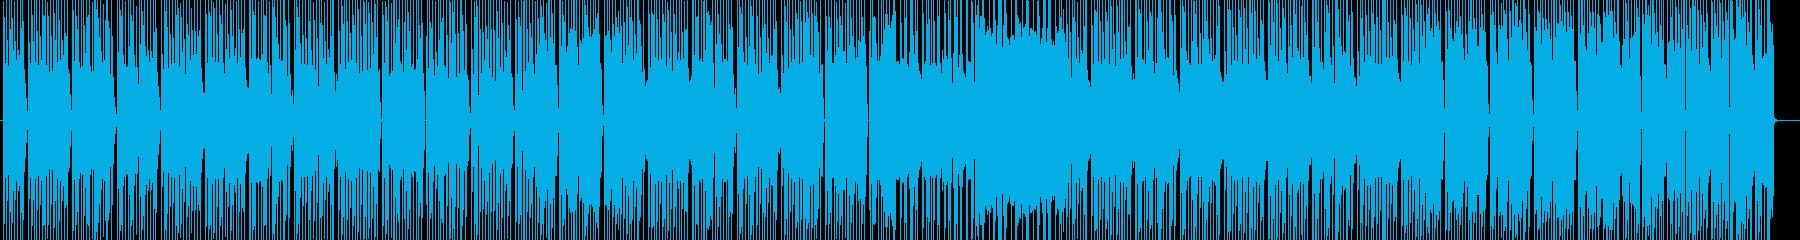 コンプ感、シンプル、ピアノ、シンセの再生済みの波形